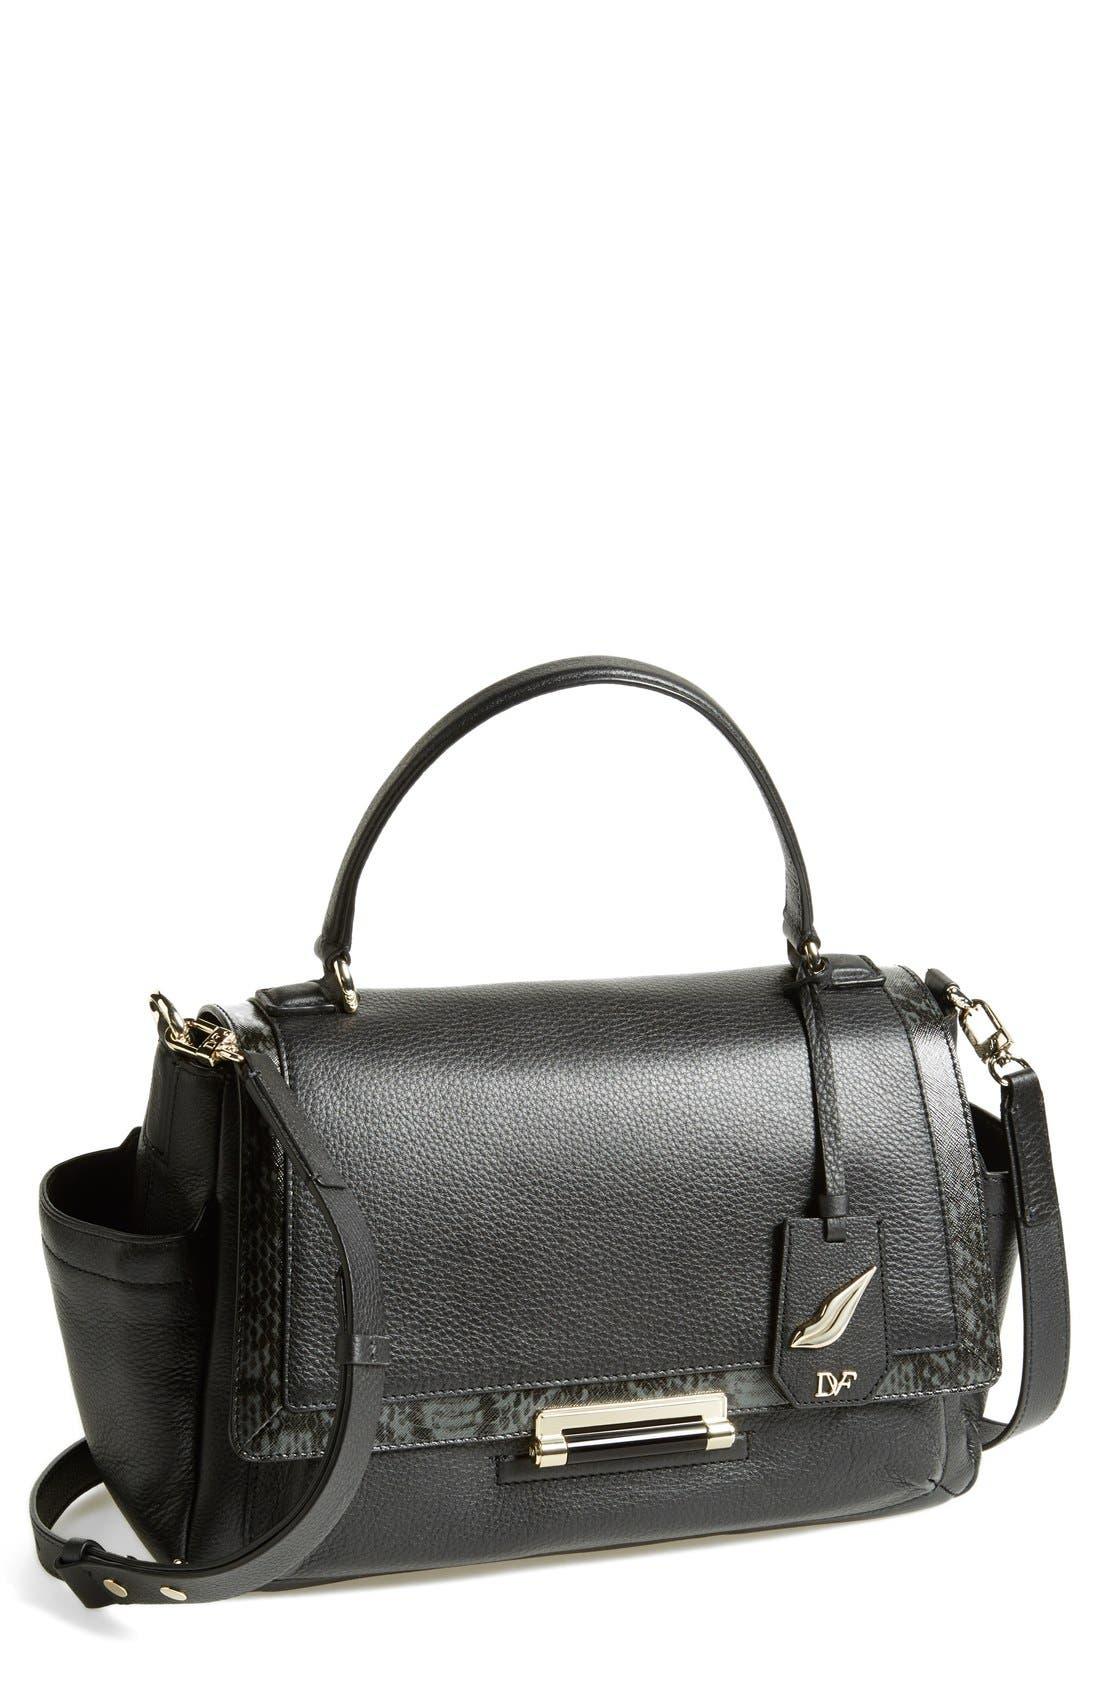 Main Image - Diane von Furstenberg '440 Courier' Leather Top Handle Satchel